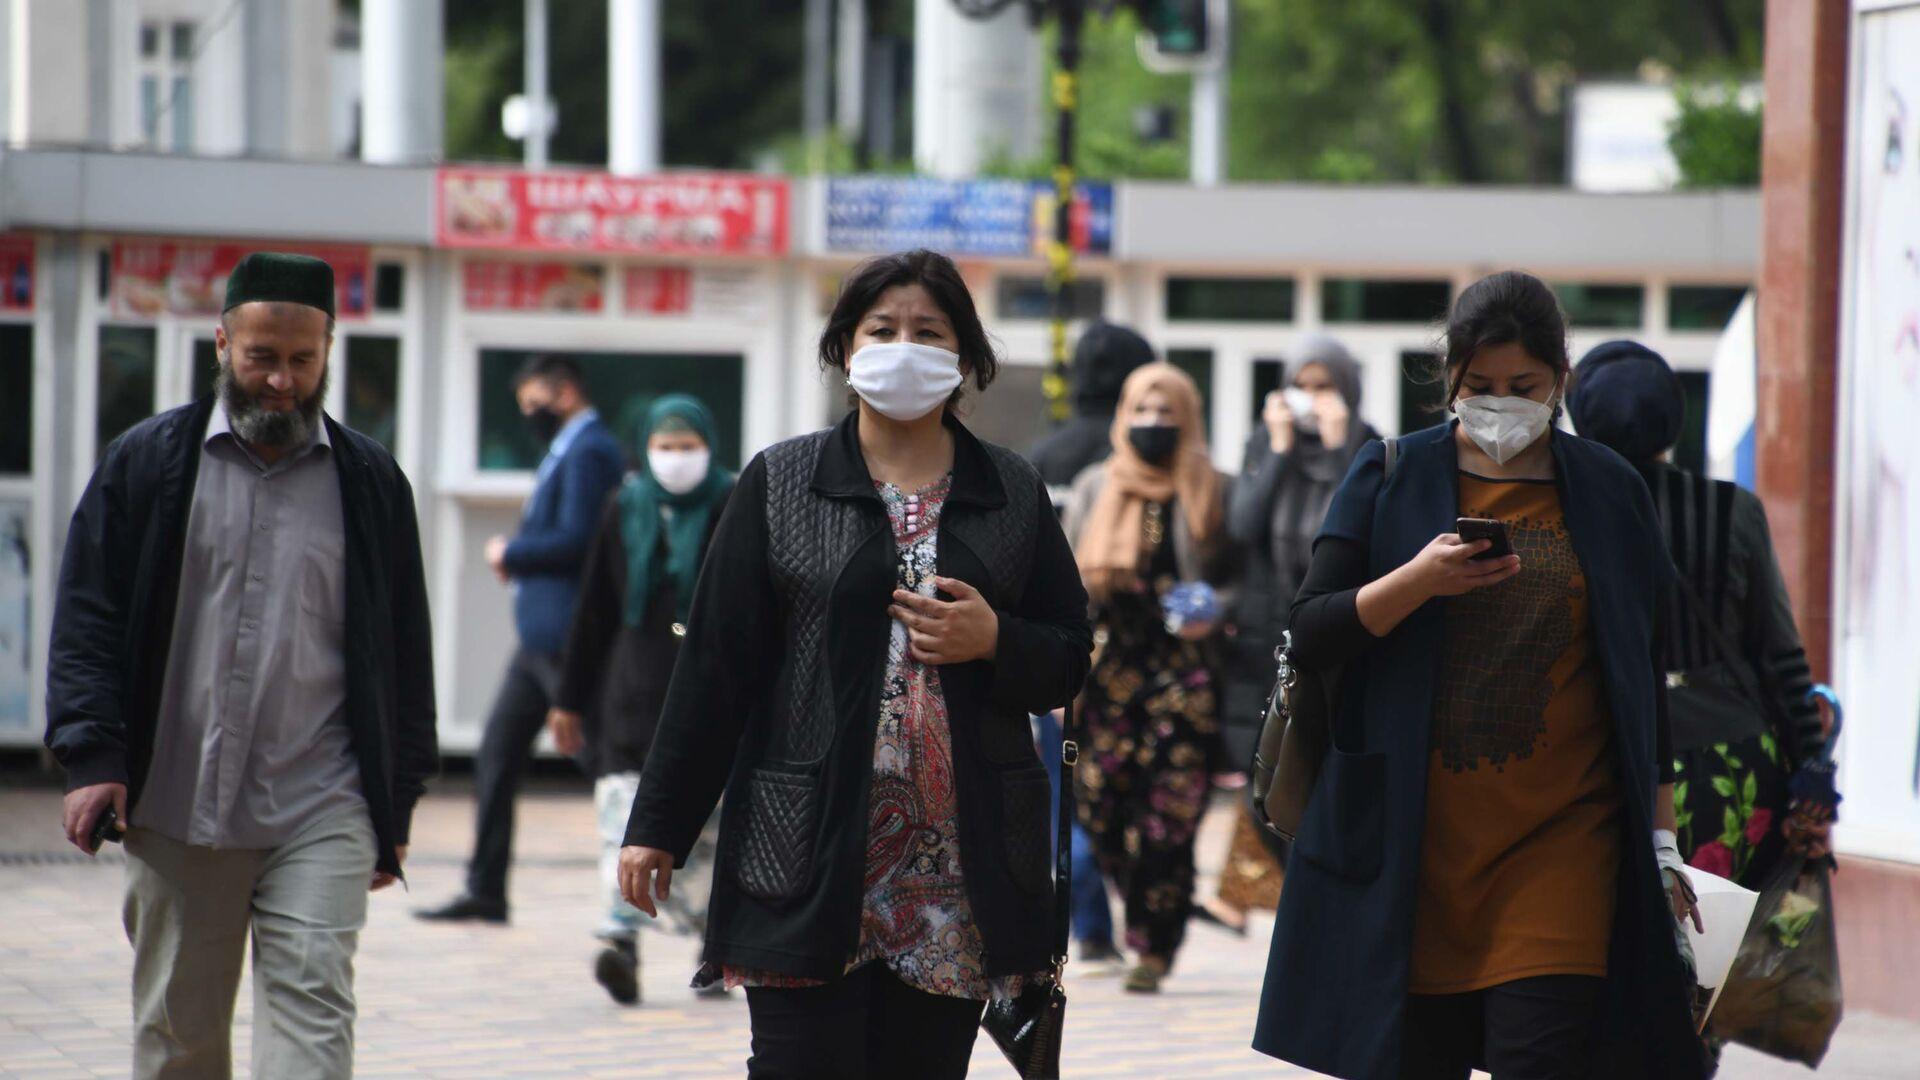 Жители города Душанбе в защитных масках на улице - Sputnik Тоҷикистон, 1920, 11.09.2021